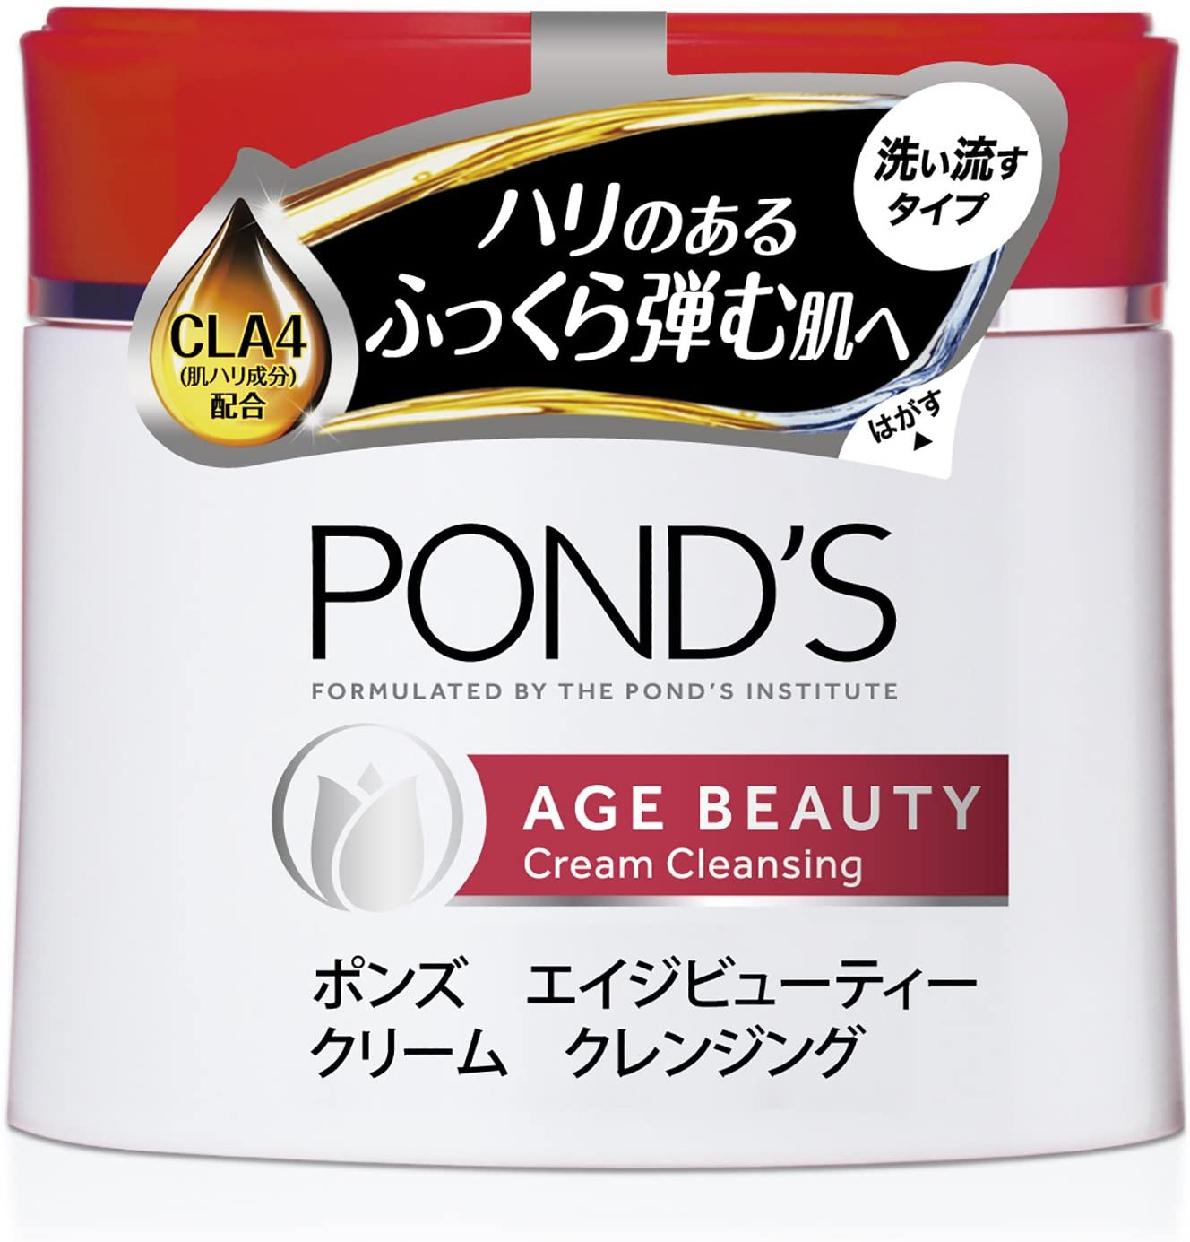 POND'S(ポンズ) エイジビューティー クリームクレンジングの商品画像